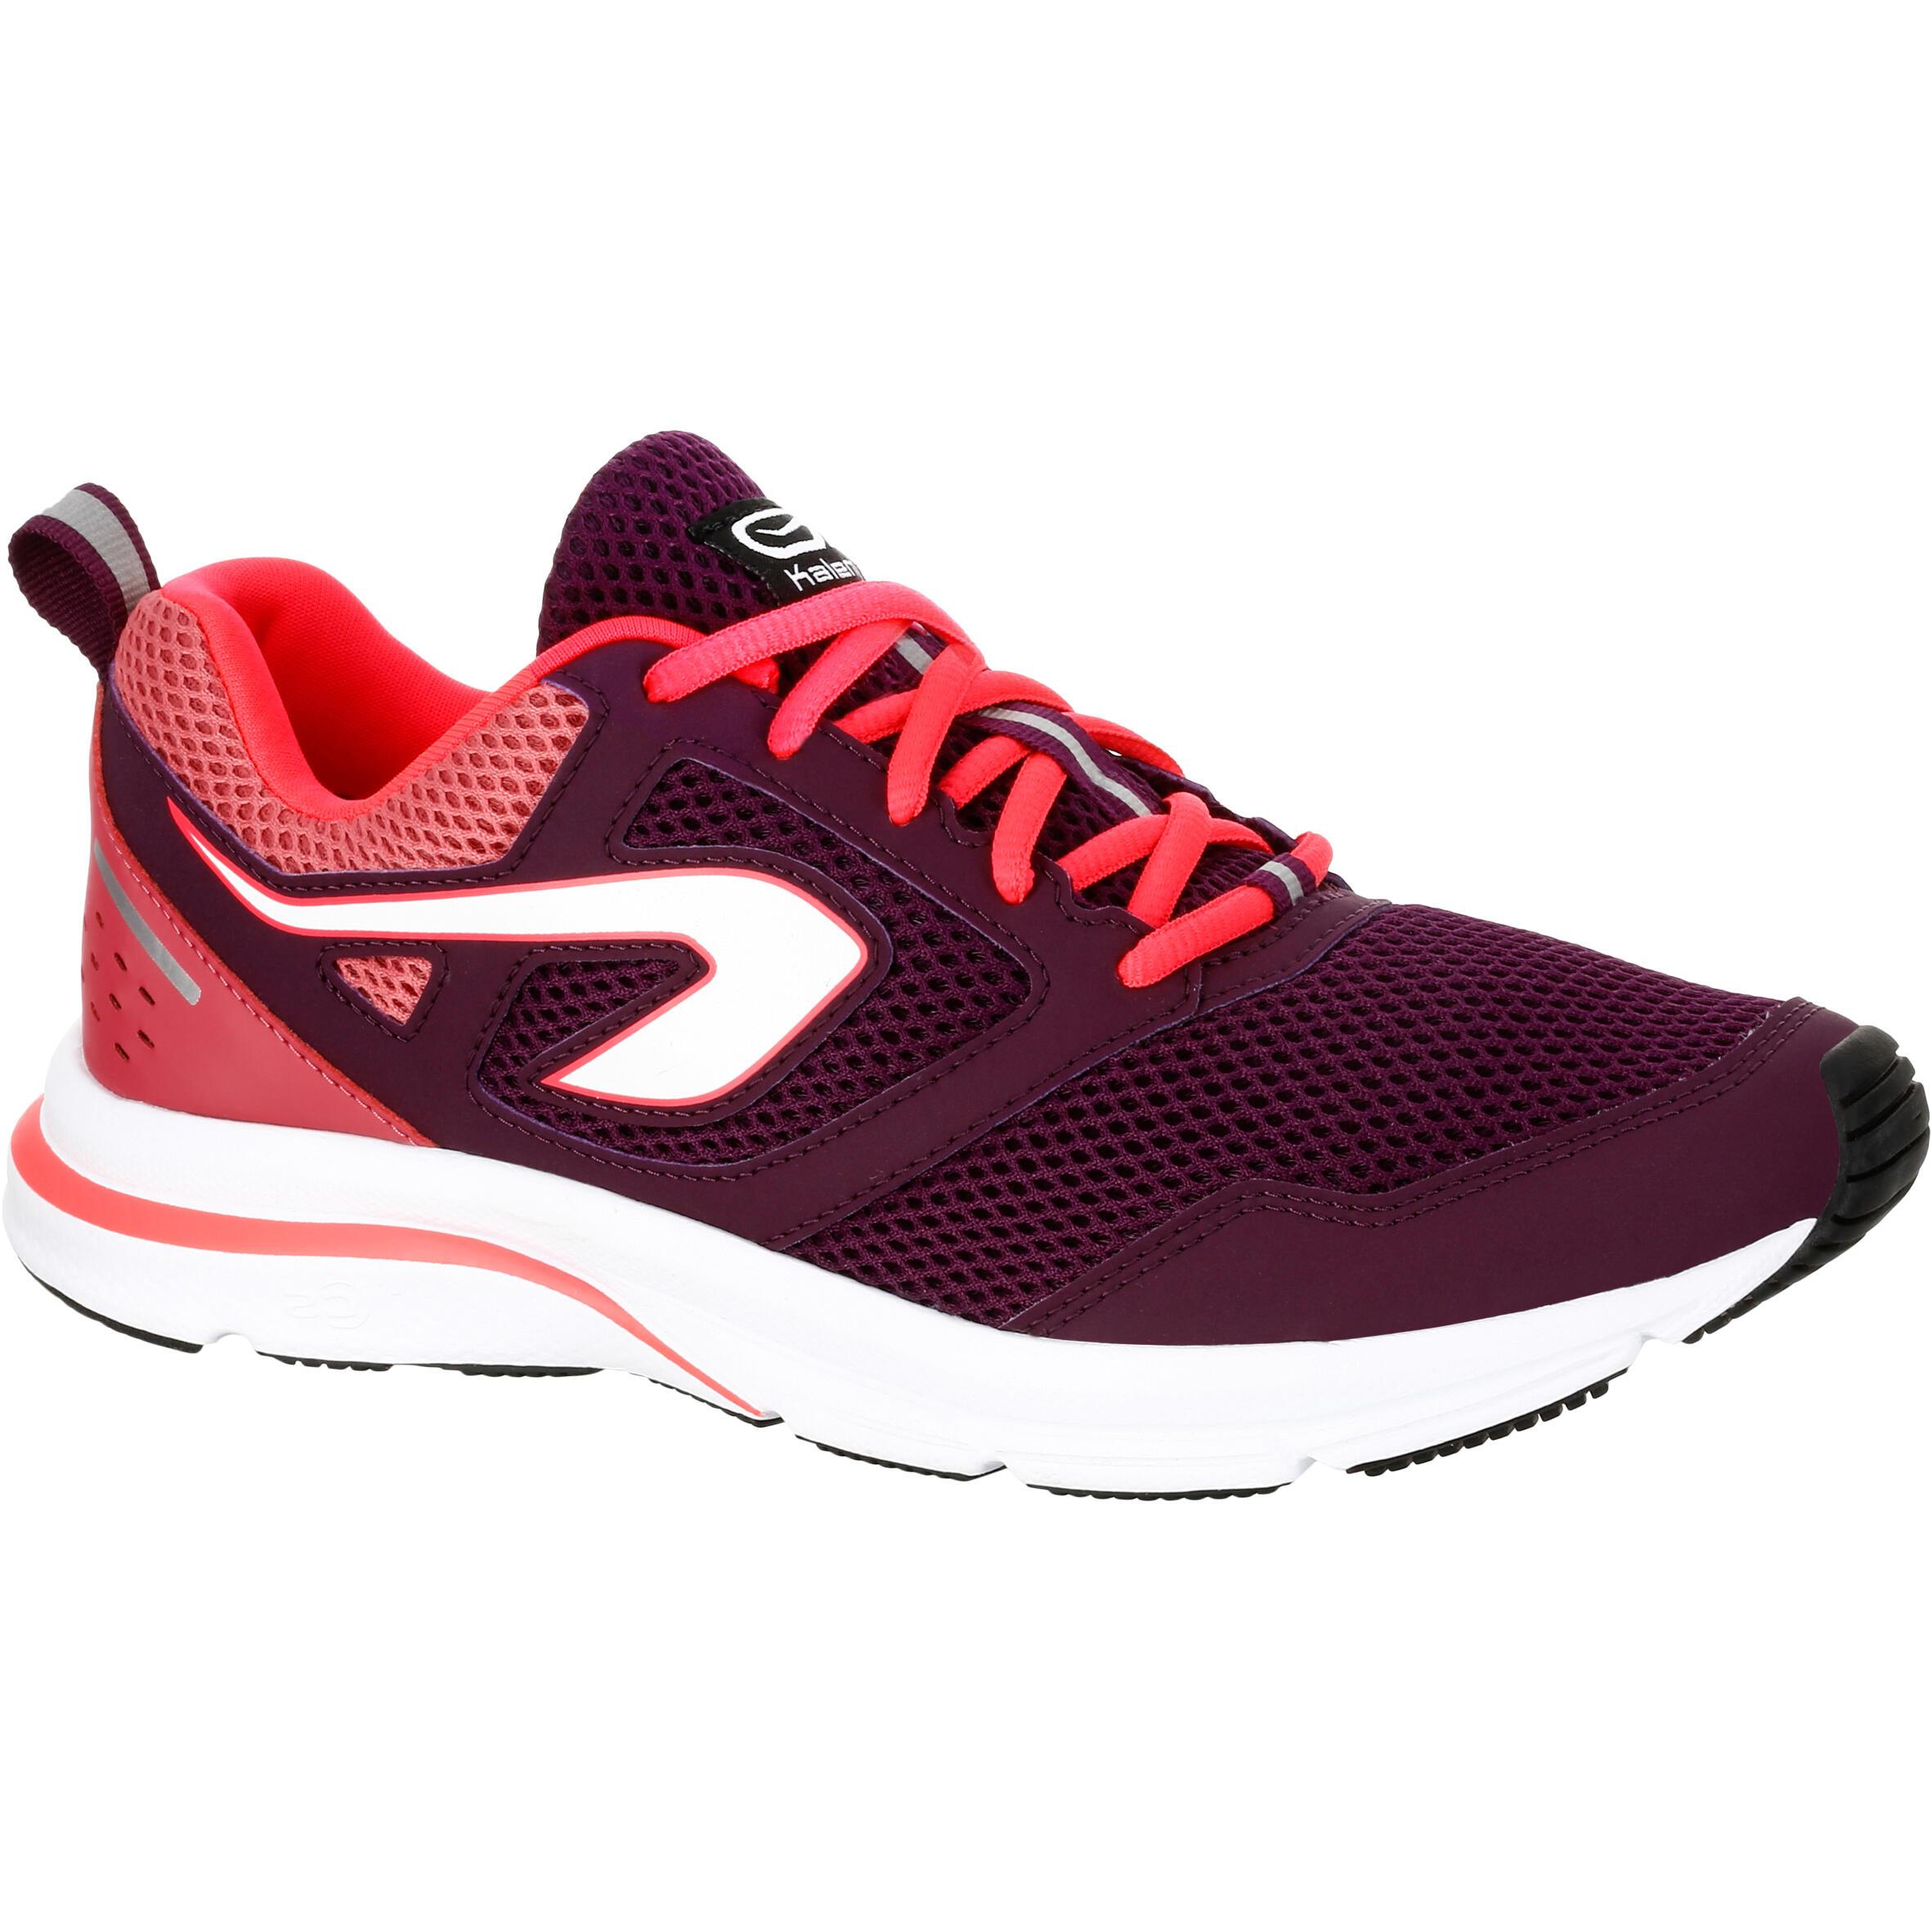 Kalenji Hardloopschoenen voor dames Run Active bordeauxrood roze